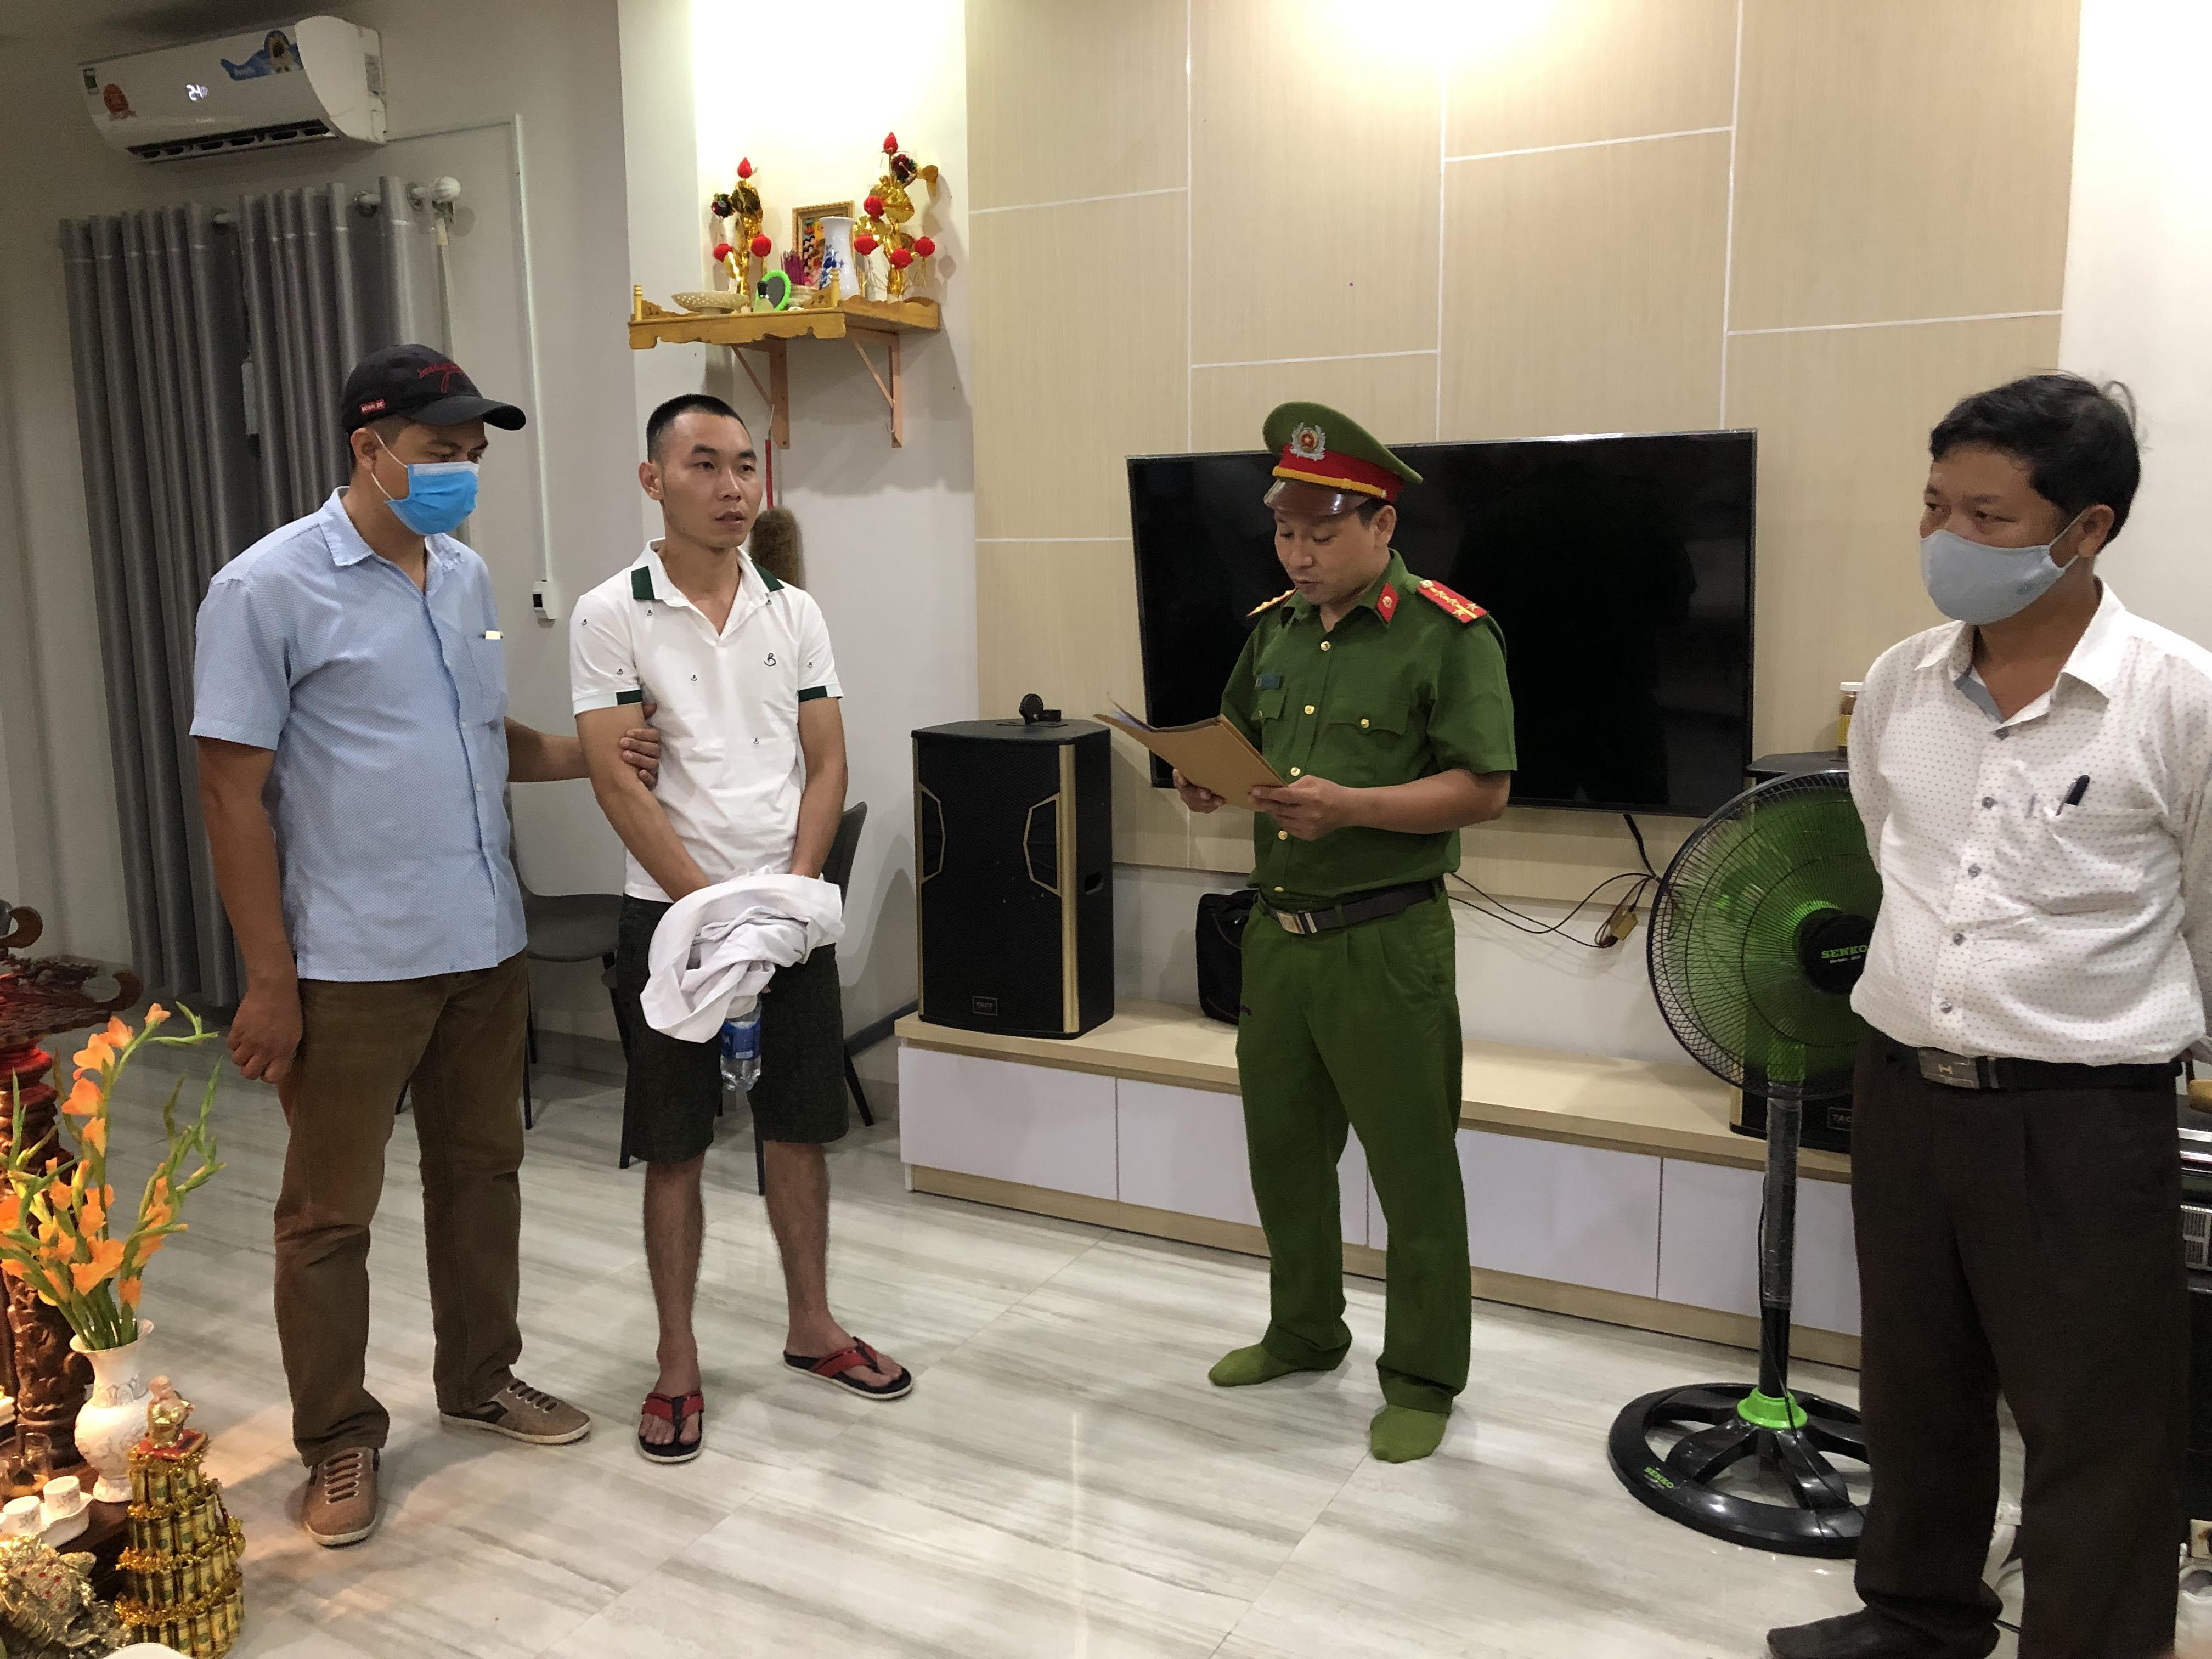 Cơ quan chức năng đọc lệnh bắt giữ đối tượng cầm đầu Trần Quốc Bảo Duy.